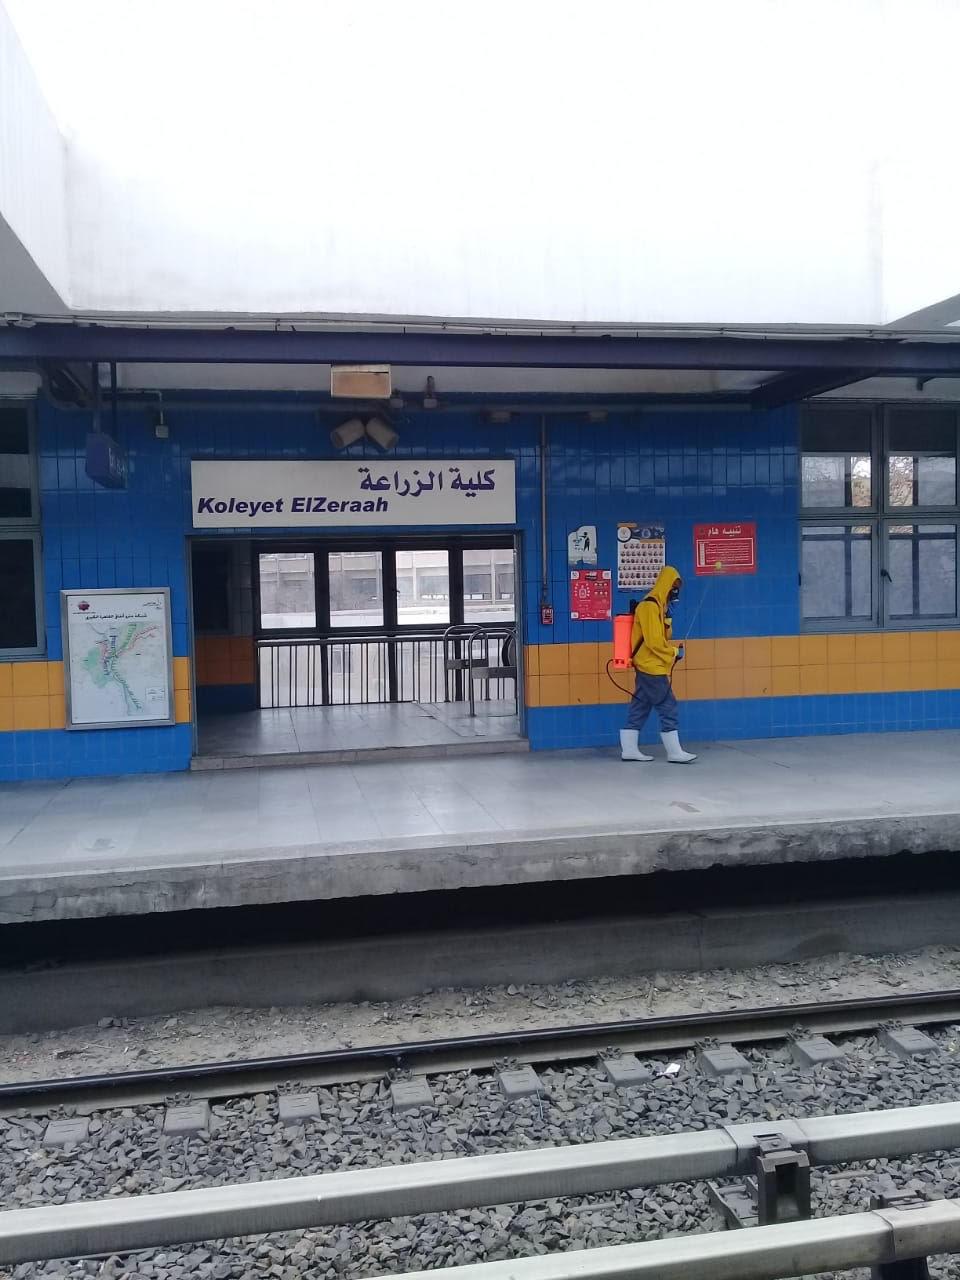 المترو يواصل أعمال تعقيم وتطهير القطارات والمحطات ضد كورونا (5)